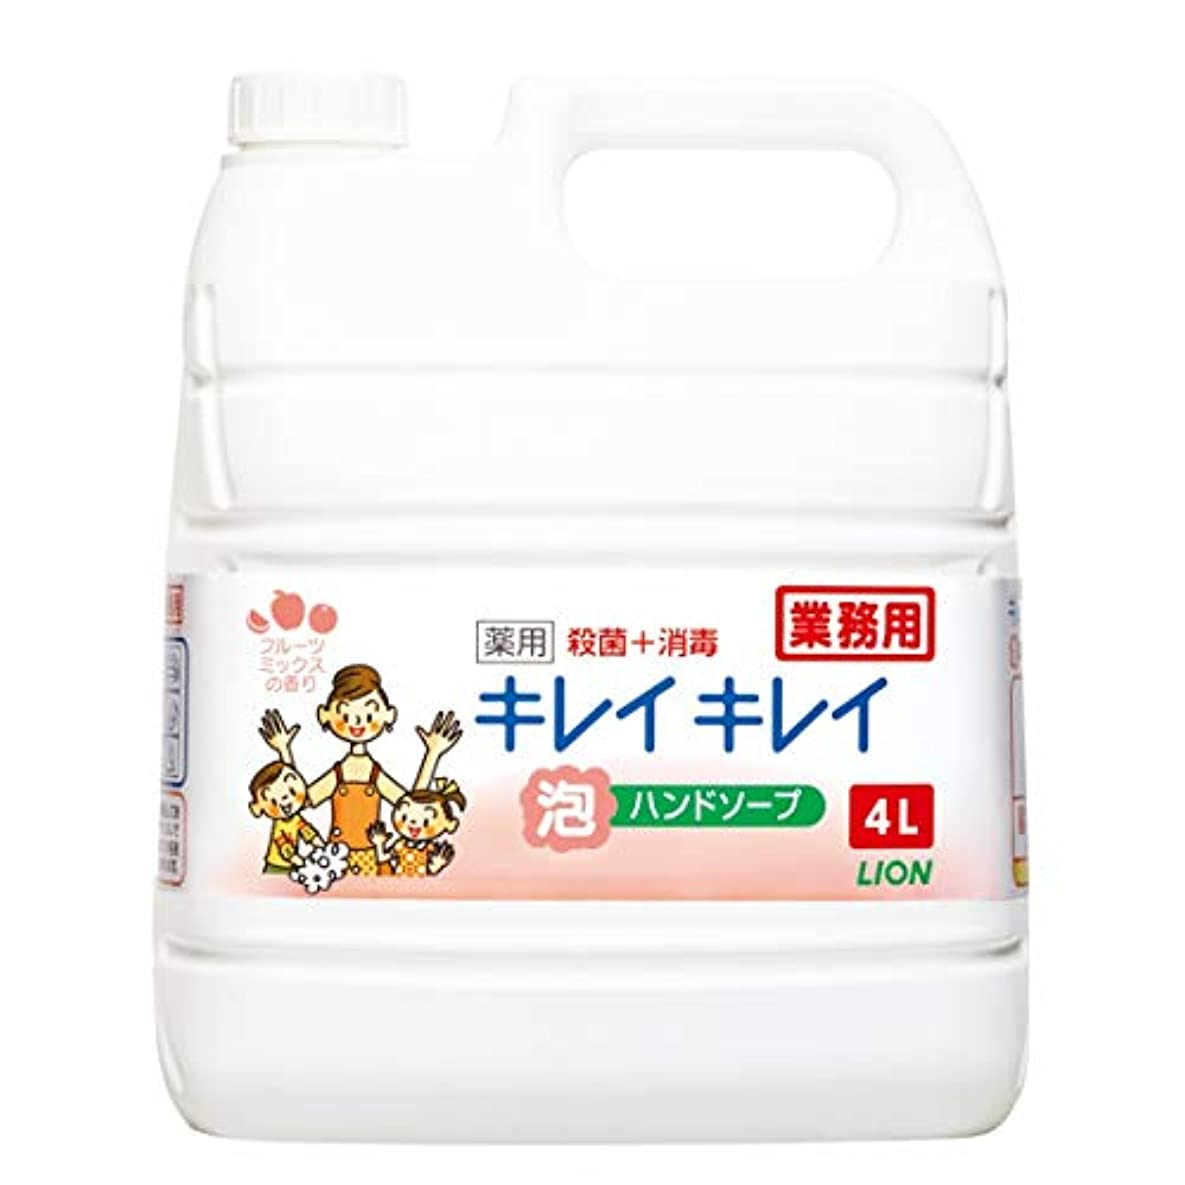 発行逸脱論争の的【業務用 大容量】キレイキレイ 薬用 泡ハンドソープフルーツミックスの香り 4L(医薬部外品)